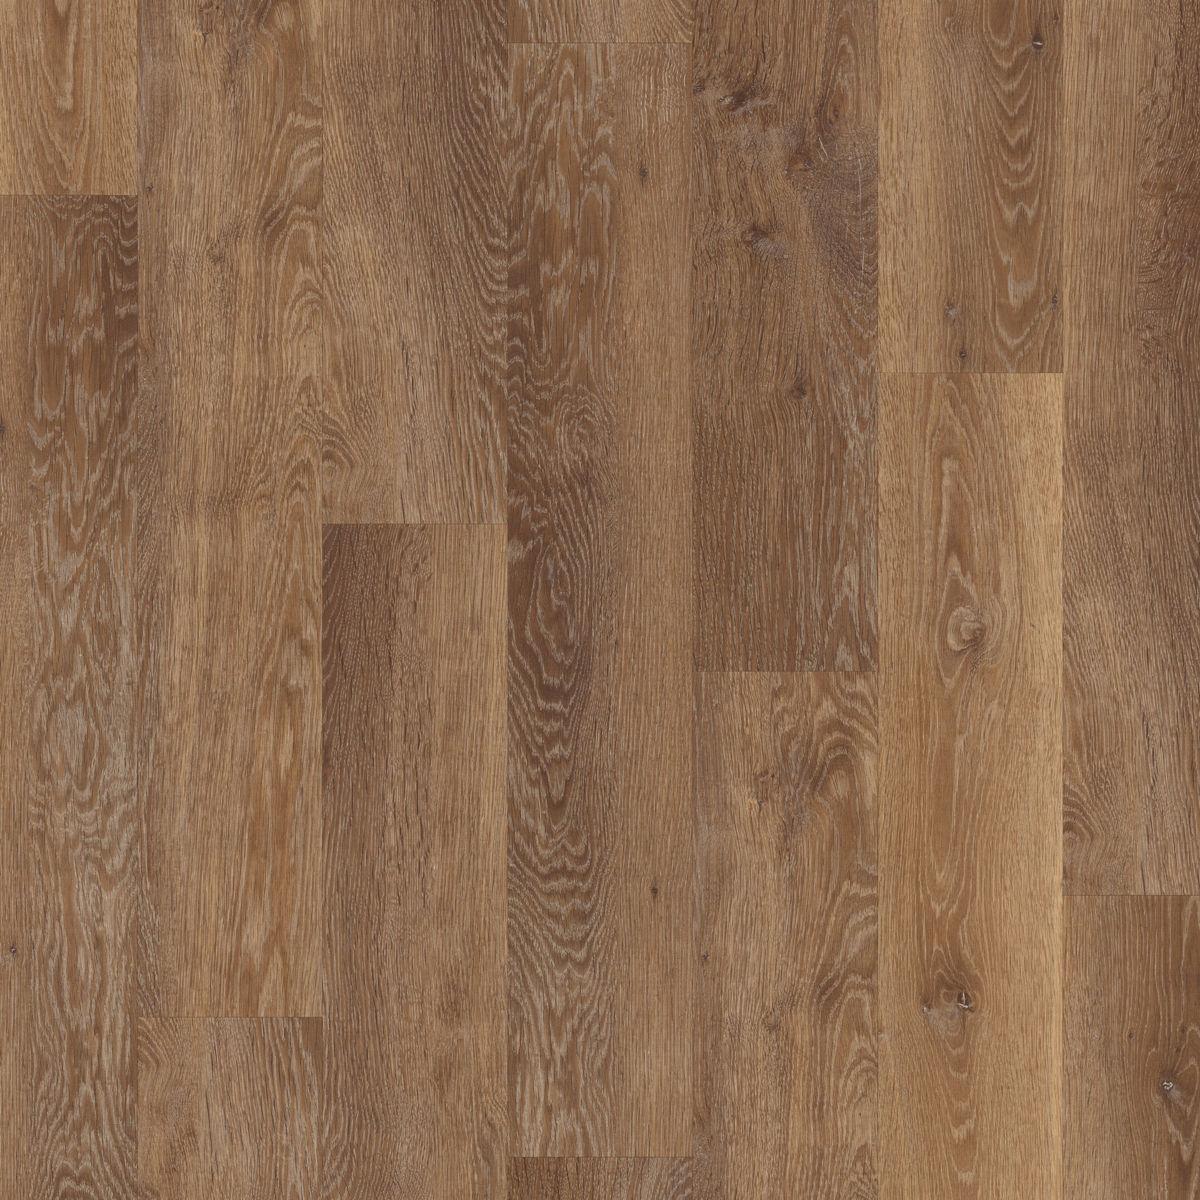 karndean knight tile mid limed oak kp96 vinyl flooring. Black Bedroom Furniture Sets. Home Design Ideas